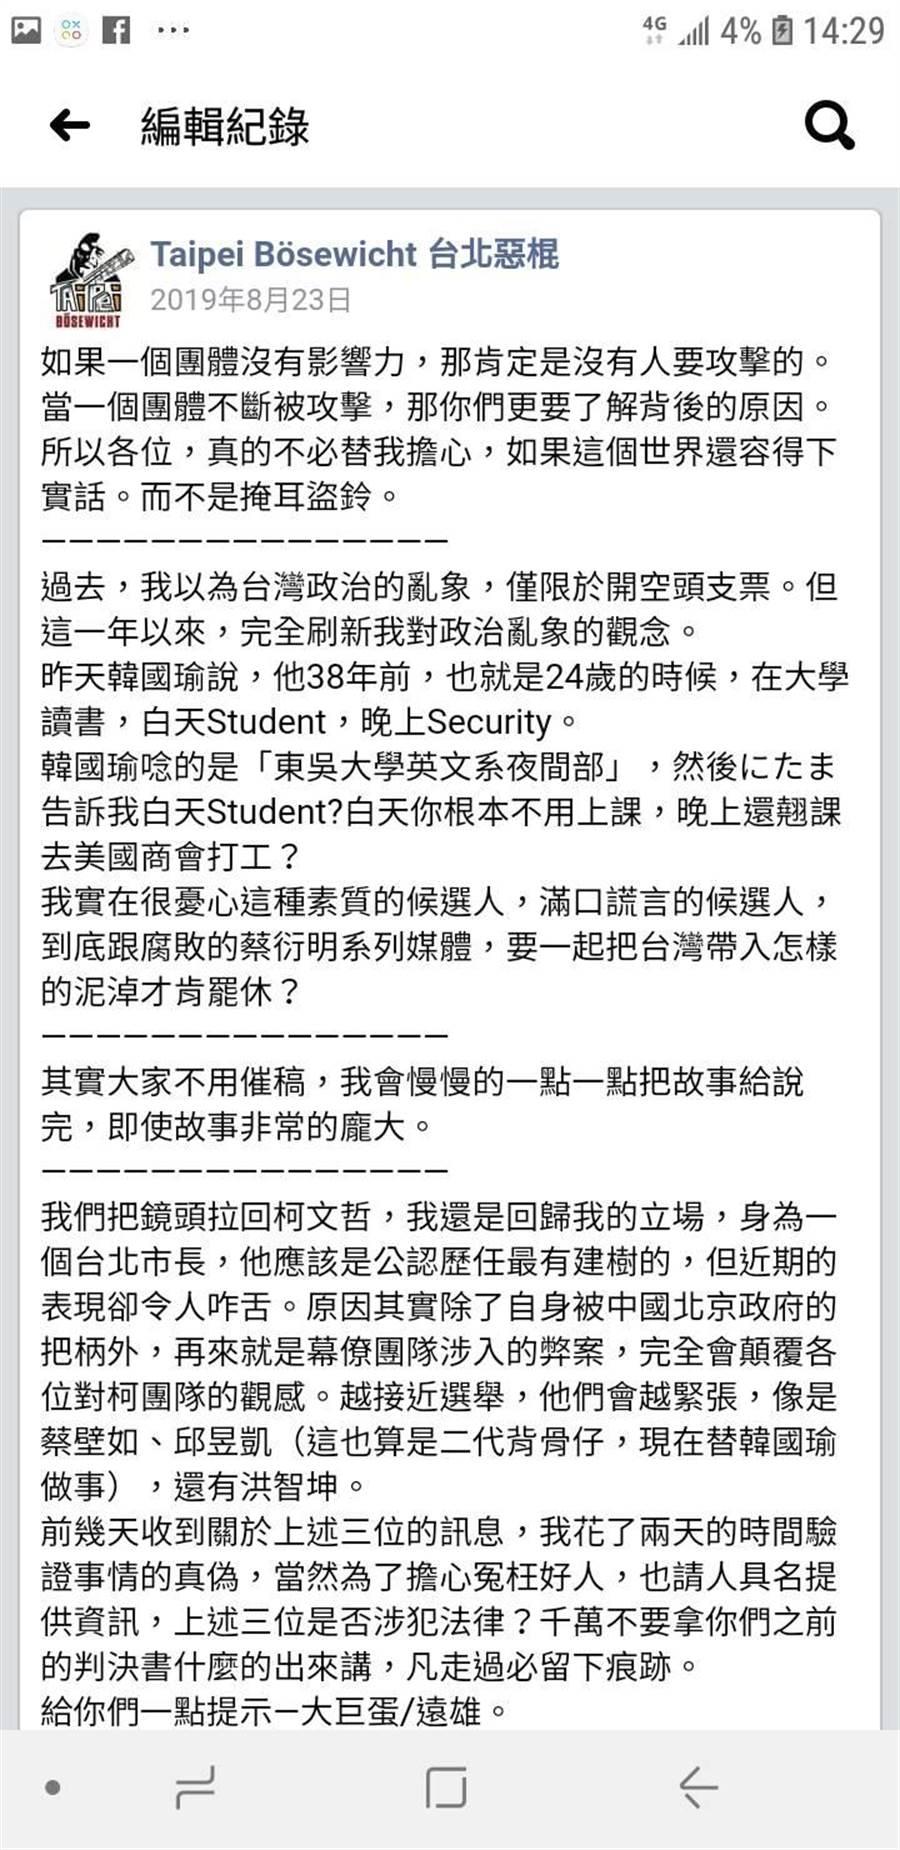 臉書去年8月出現一篇黑韓假學歷的PO文,警方循線查獲貼文者到案。(翻攝照片)